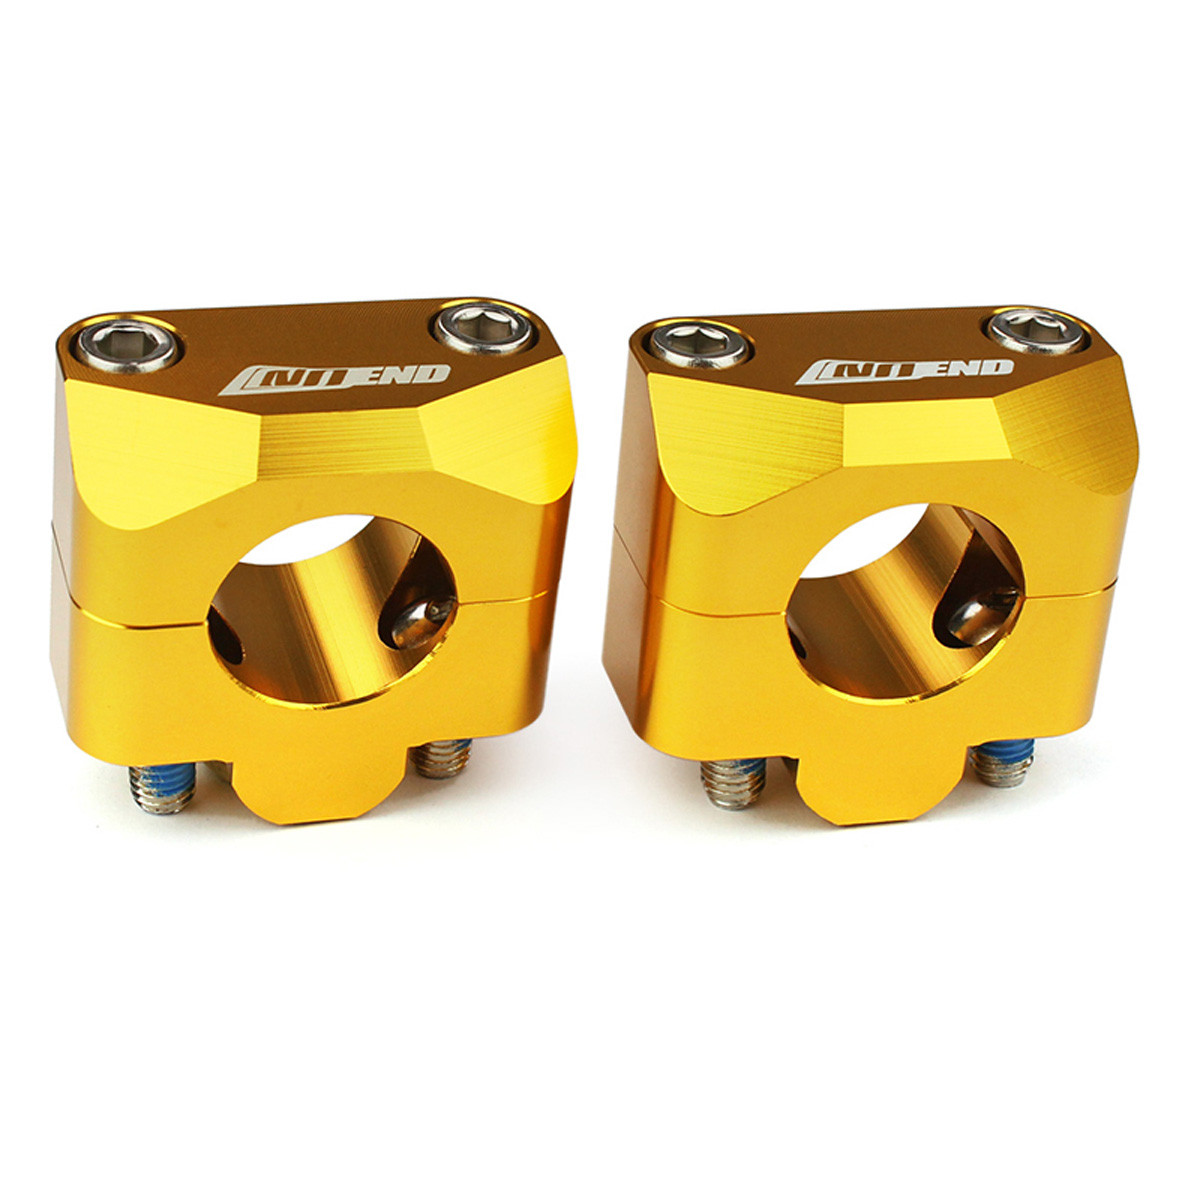 Pontets de Guidon 28.6mm - NO END Or Anodisé